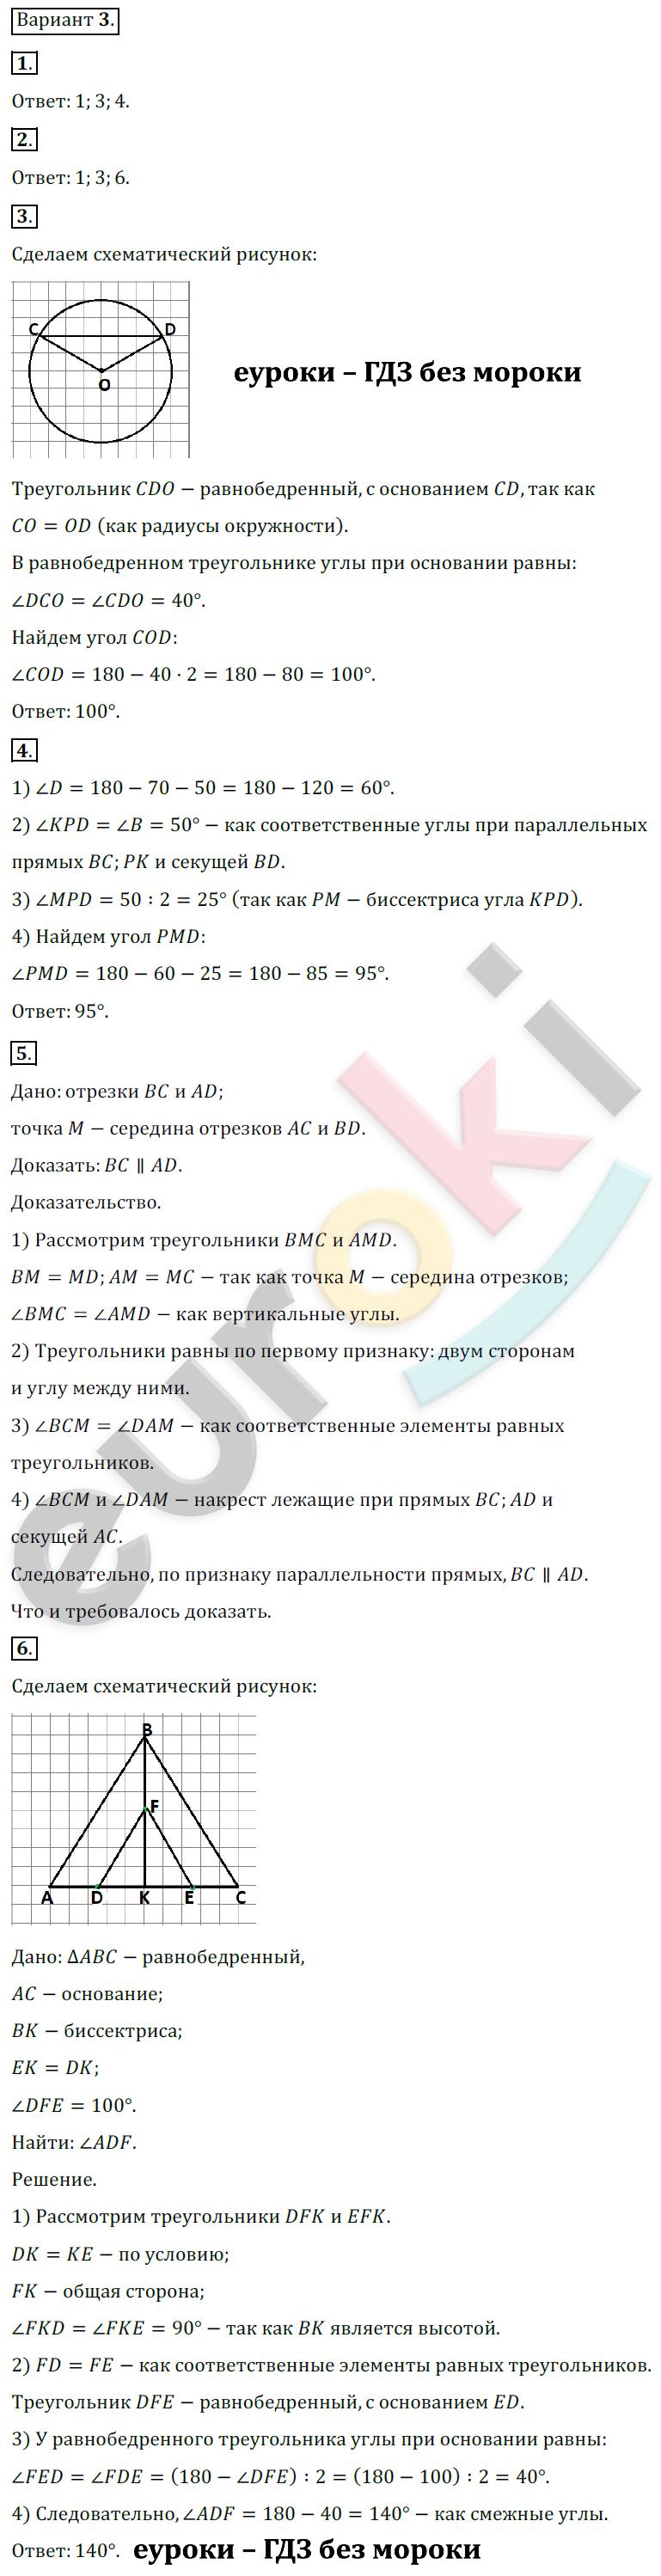 ГДЗ по геометрии 7 класс контрольные работы Мельникова, Погорелов Экзамен ответы и решения онлайн КР-6. Итоговая. Задание: Вариант 3